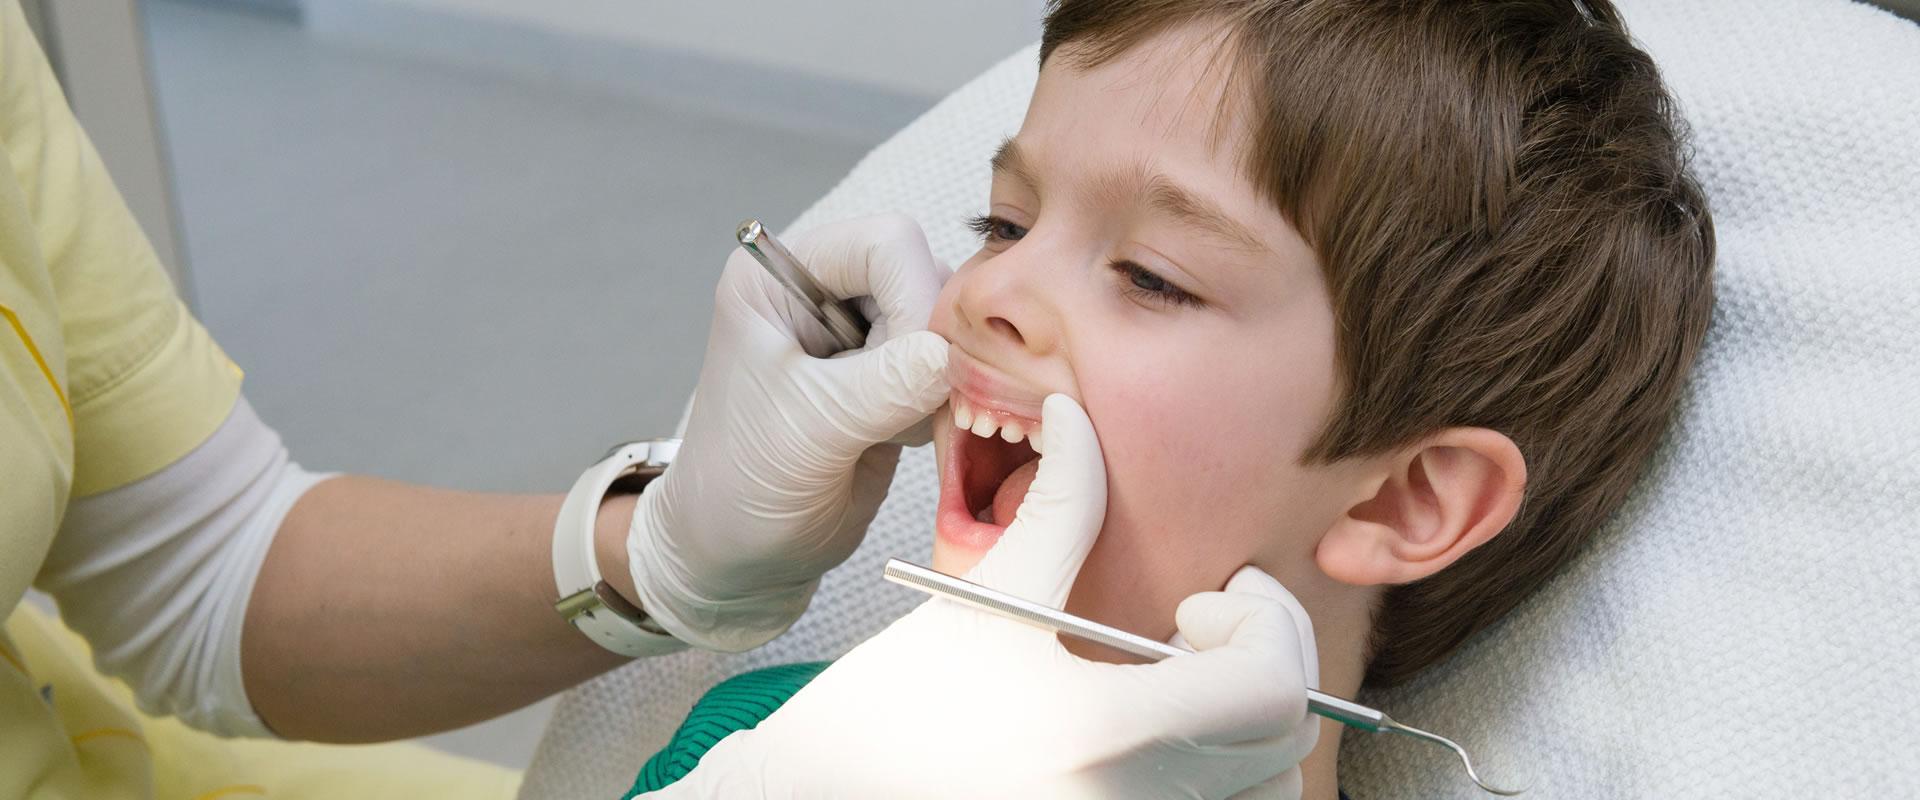 Variadas Especialidades Odontológicas